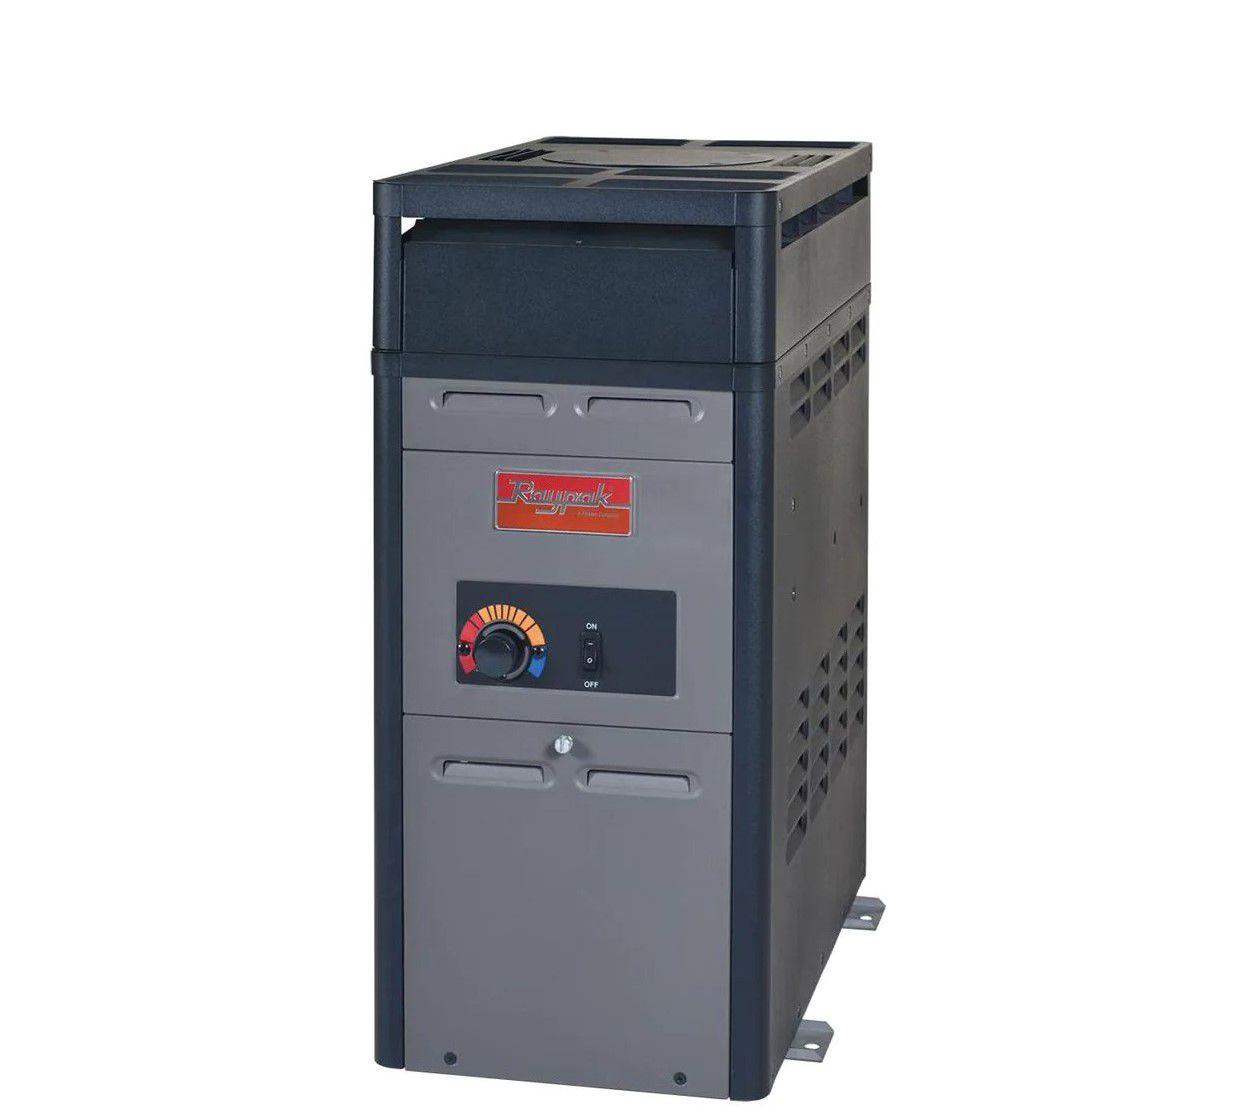 Raypak PR106AENC 105,000 BTU Heater